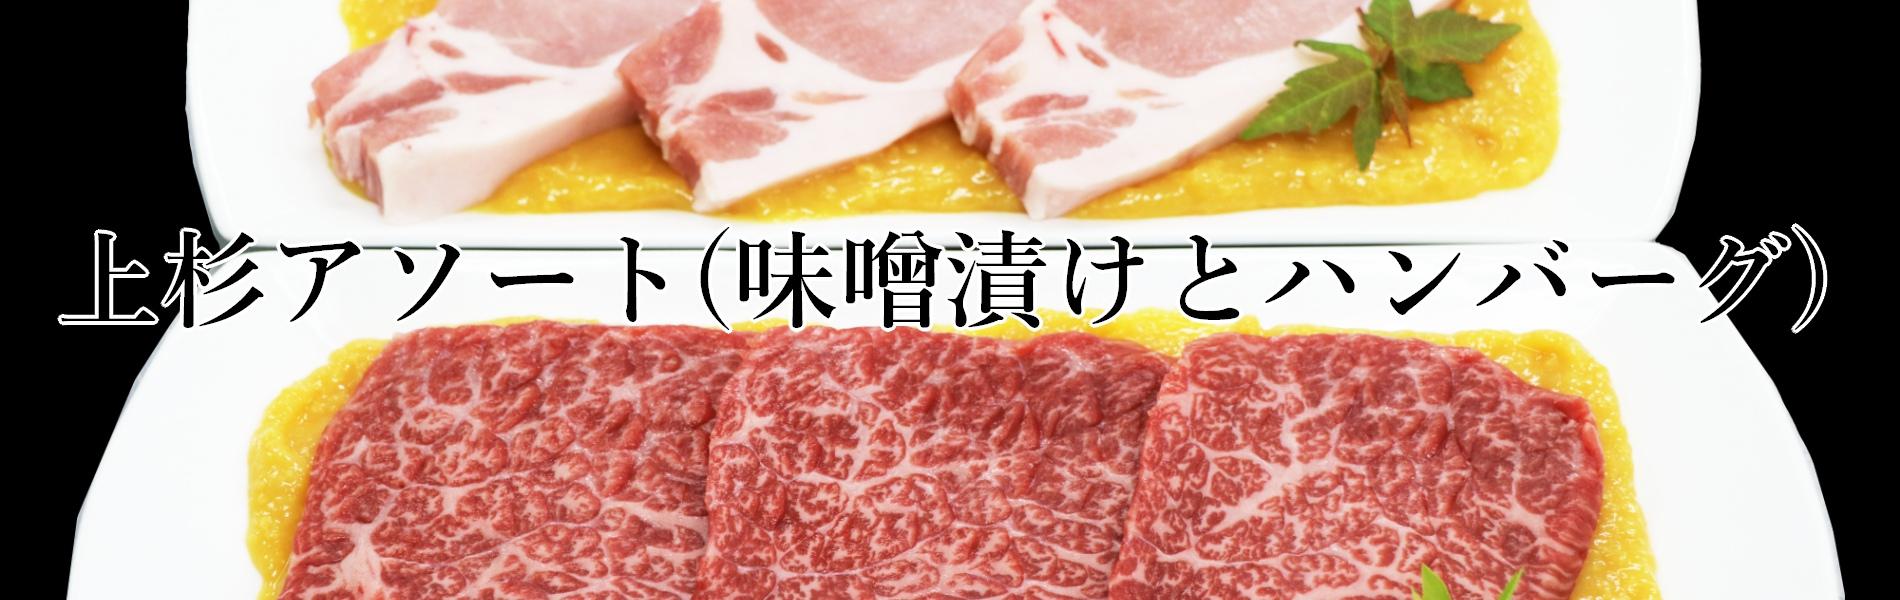 上杉アソート 米沢牛と米澤豚一番育ち味噌漬けと米沢牛入りハンバーグ